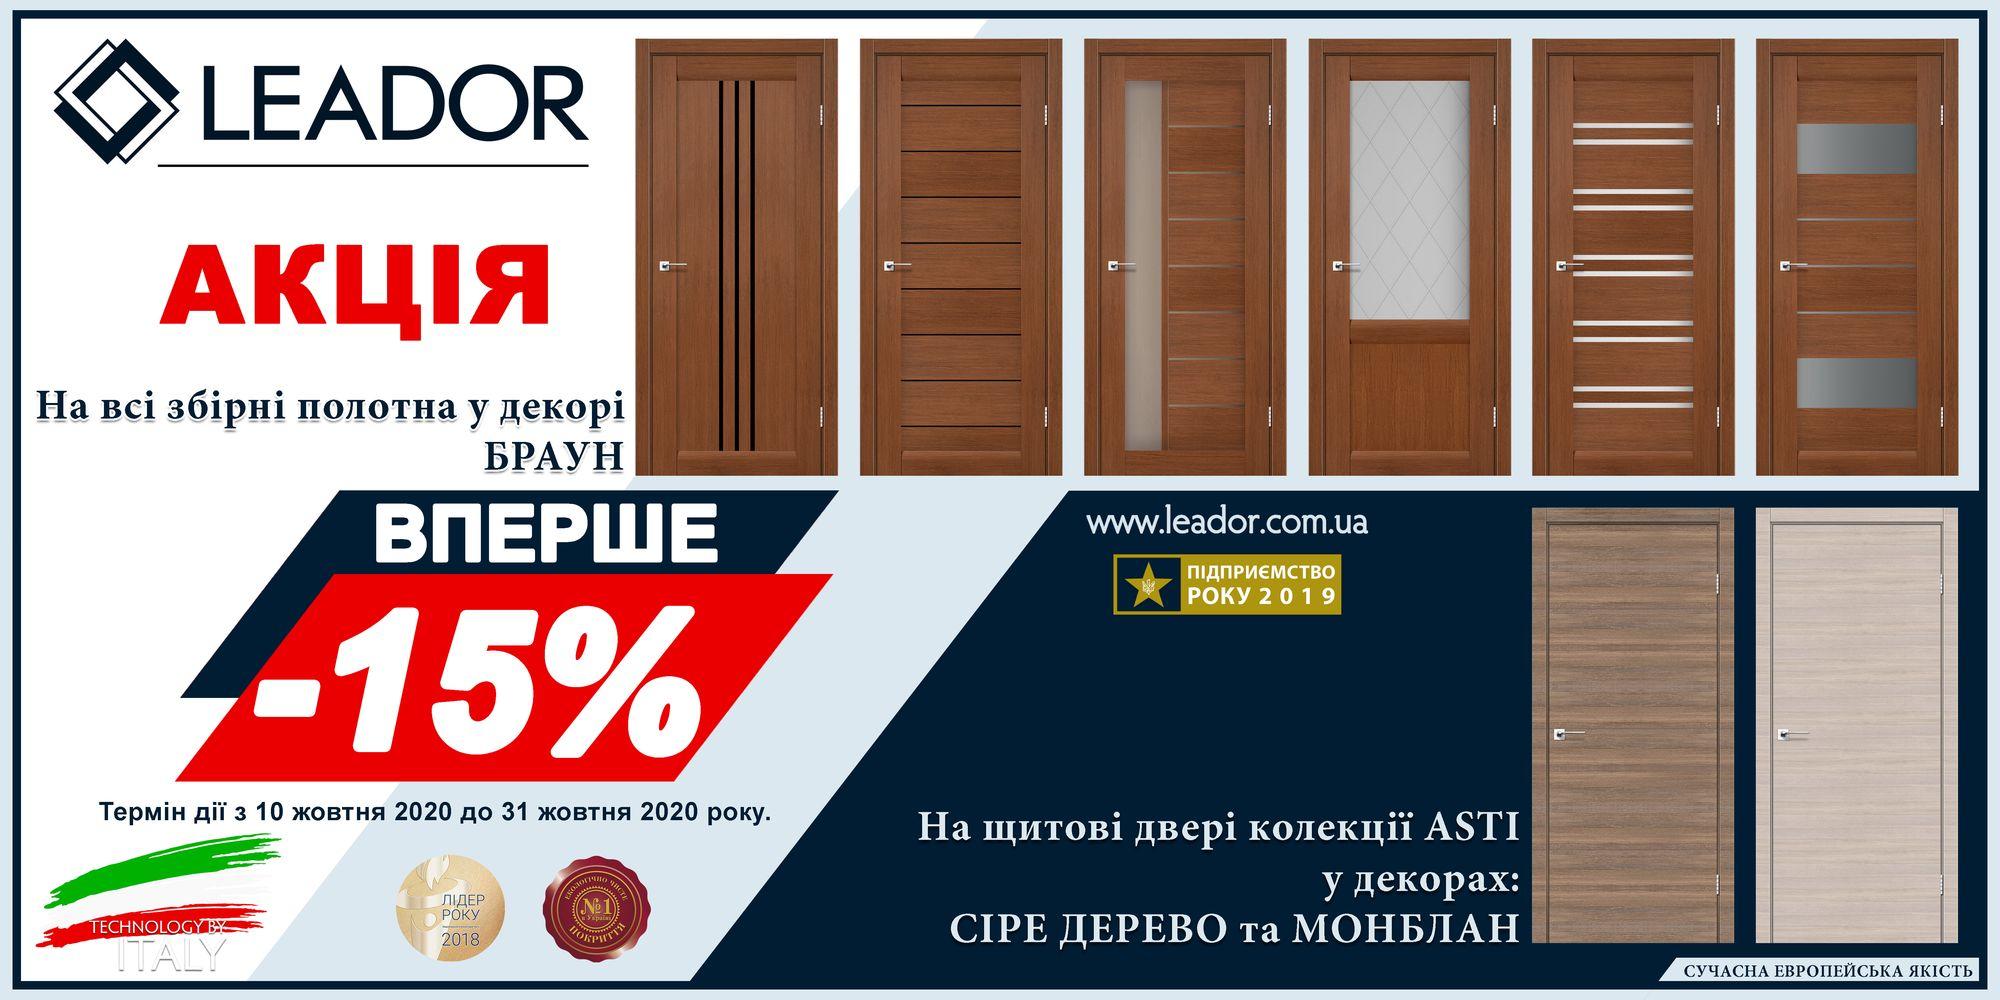 АКЦІЯ   - 15% знижка на дверні полотна*